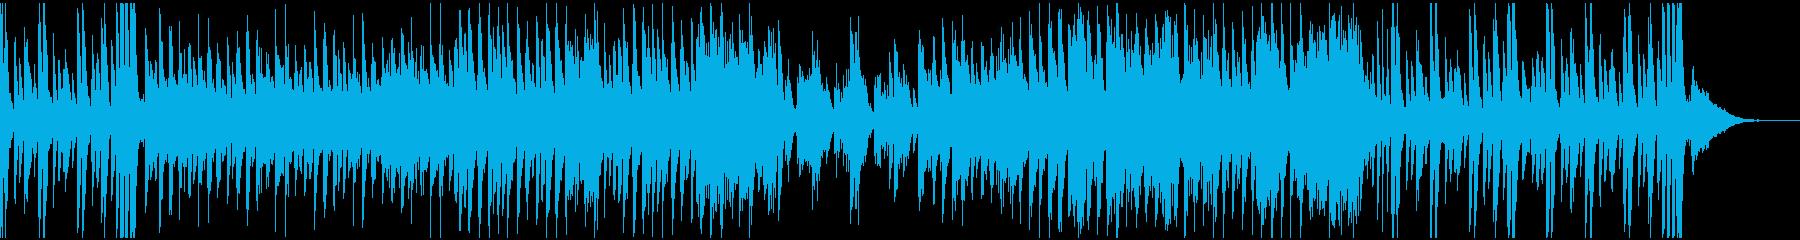 アップテンポでカッコいいピアノ曲の再生済みの波形